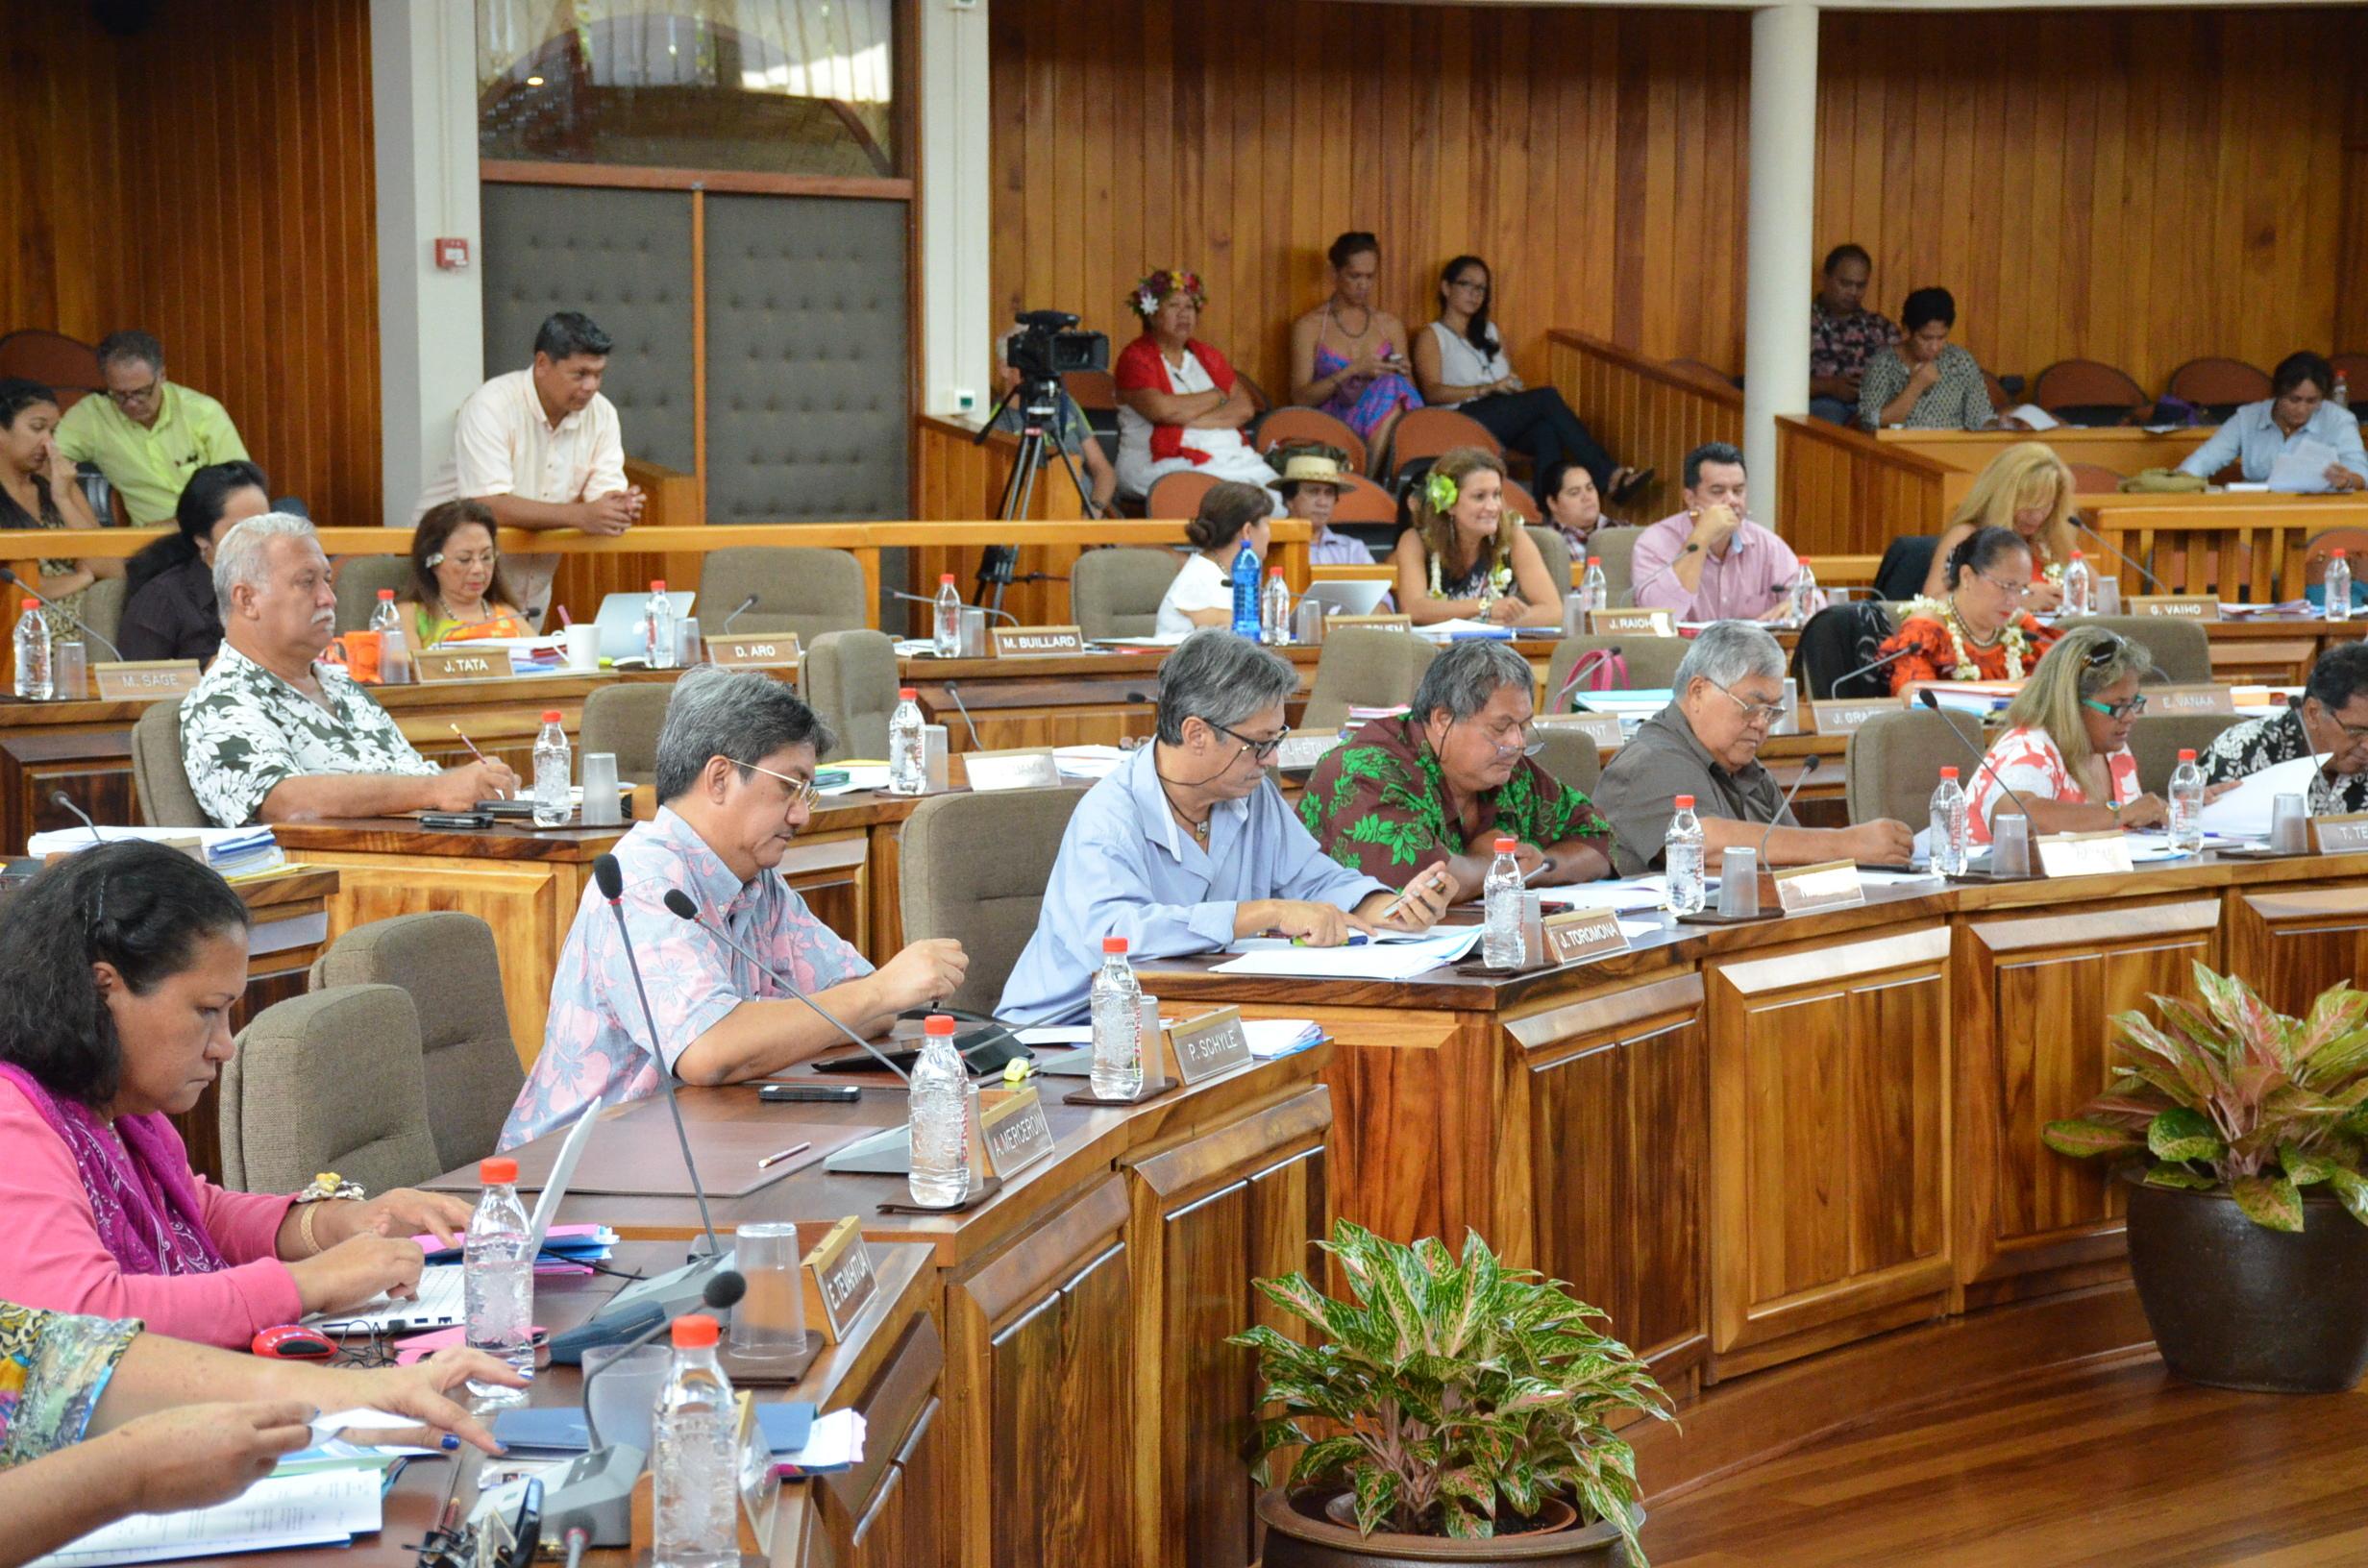 La collectivité prévoit de consacrer près de 2,2 milliards Fcfp pour le fonctionnement de l'Assemblée territoriale en 2016.